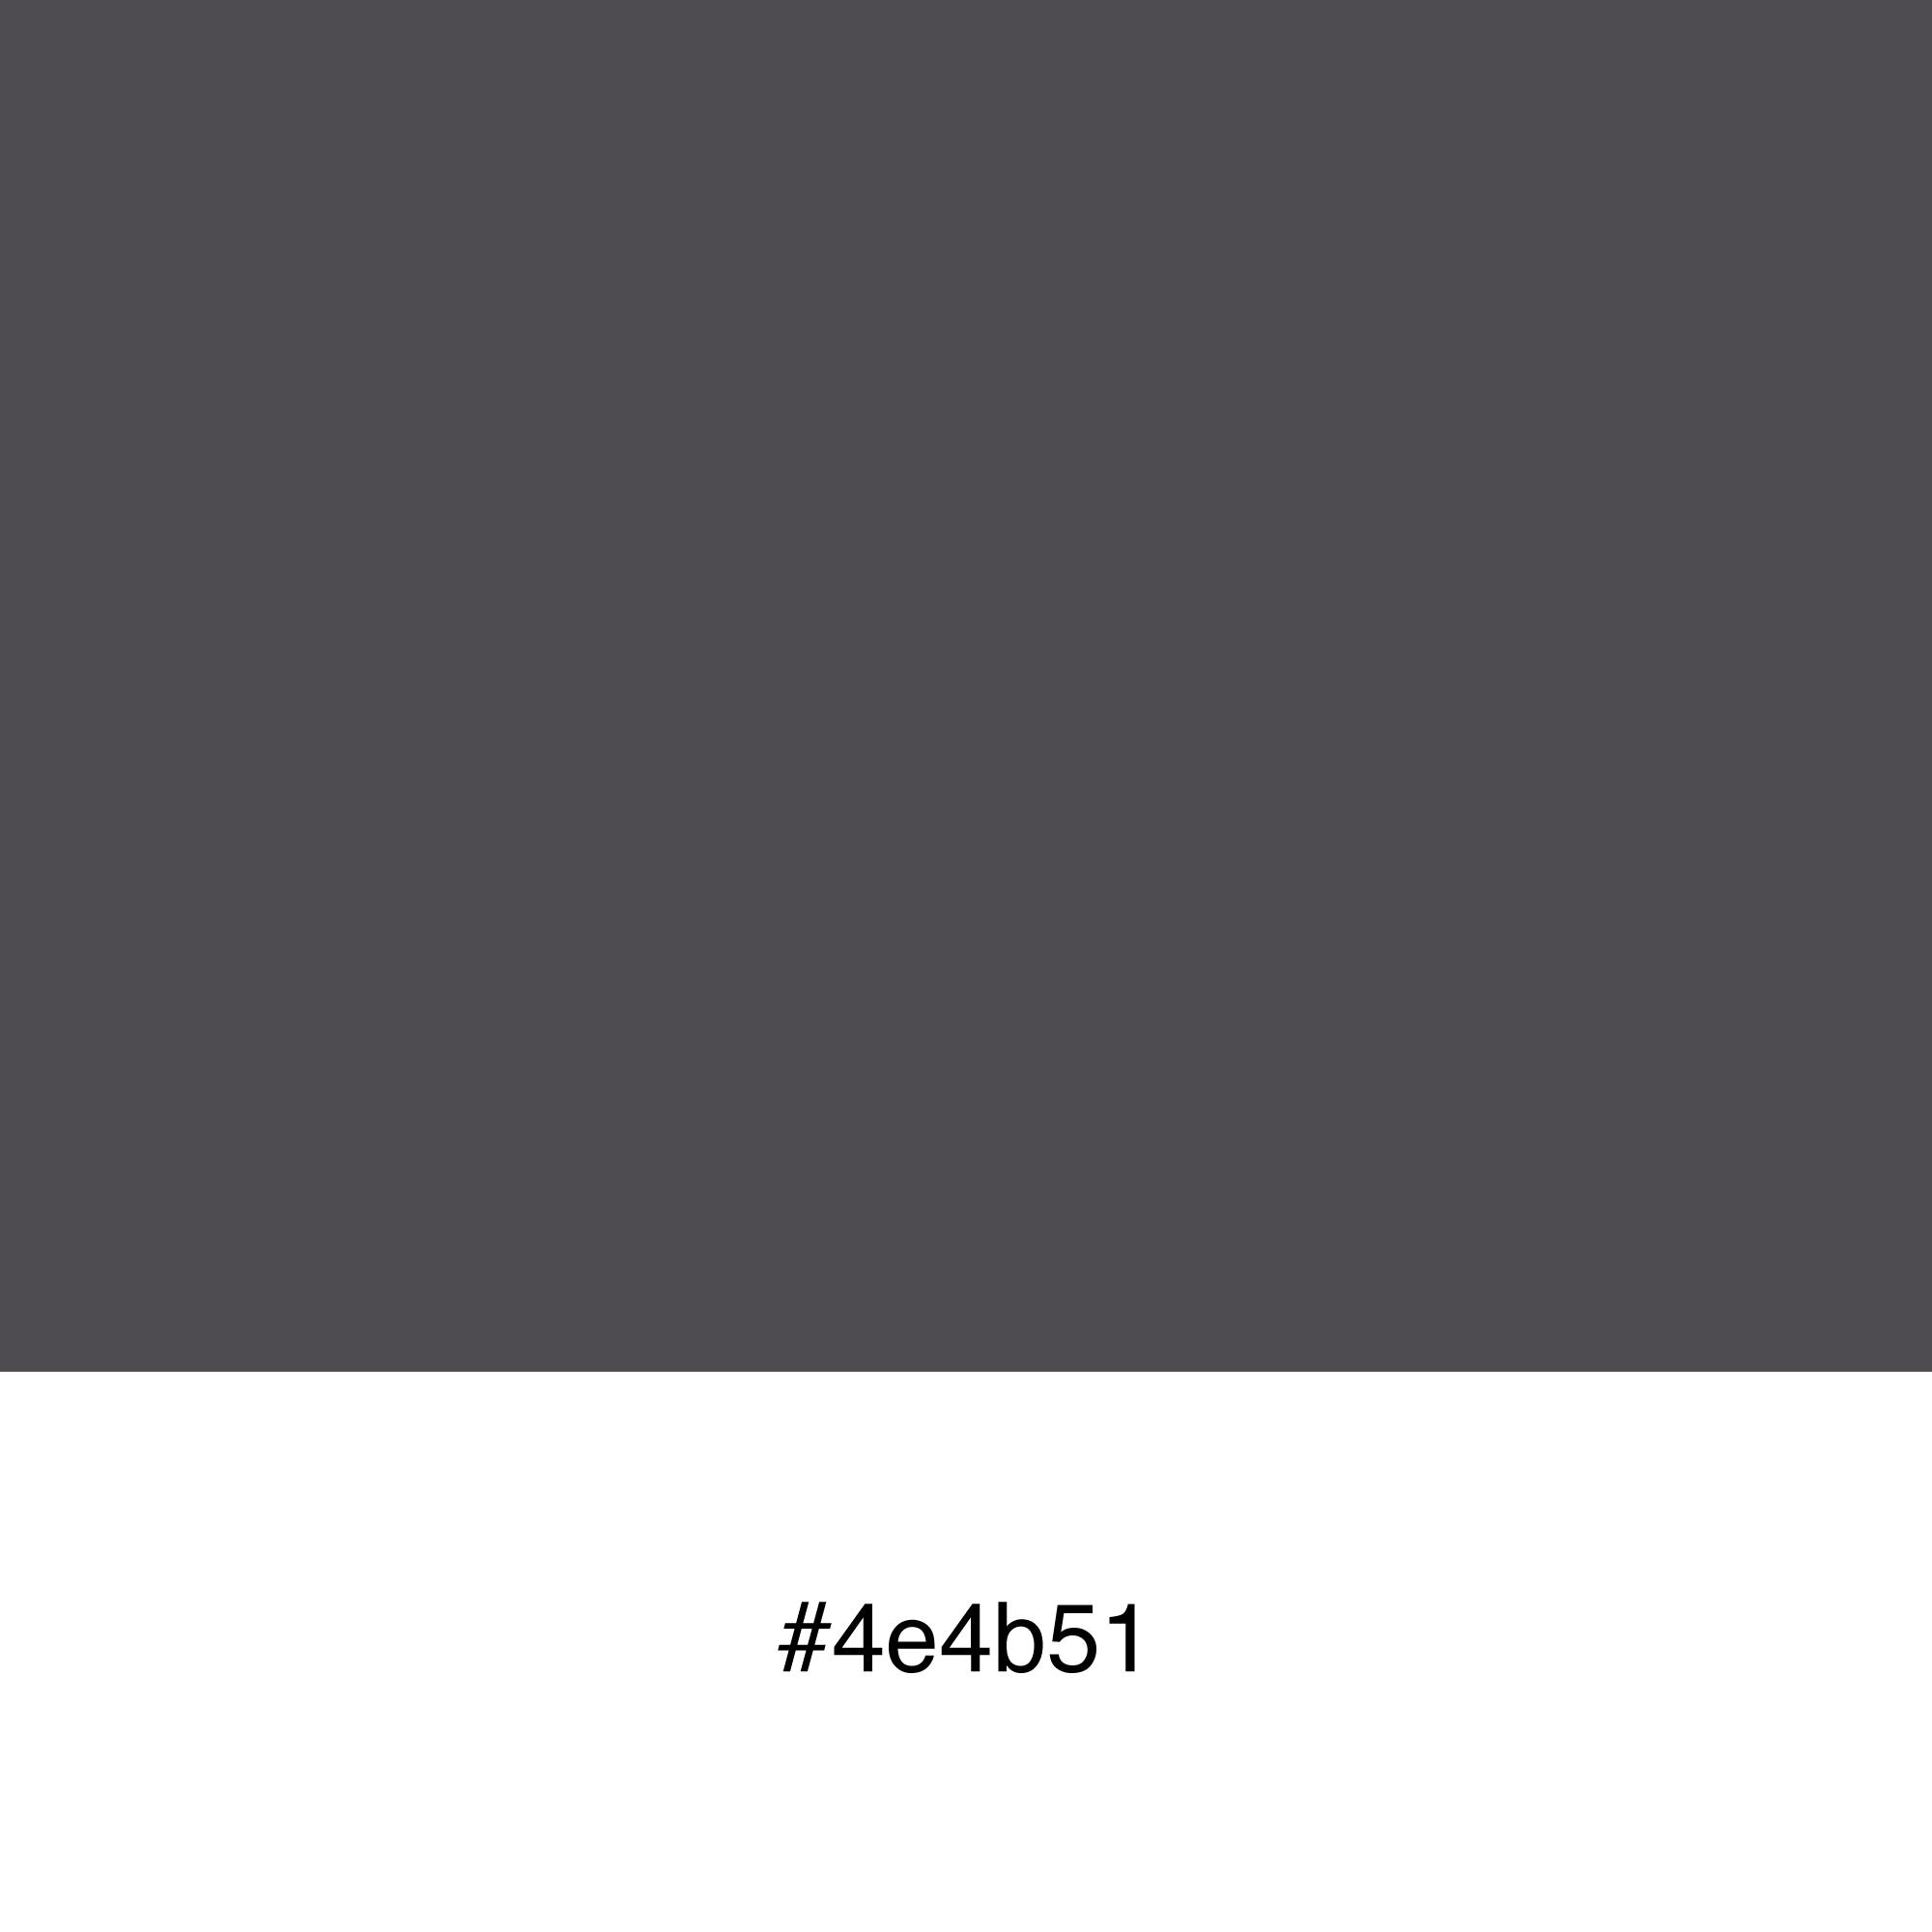 color-swatch-4e4b51